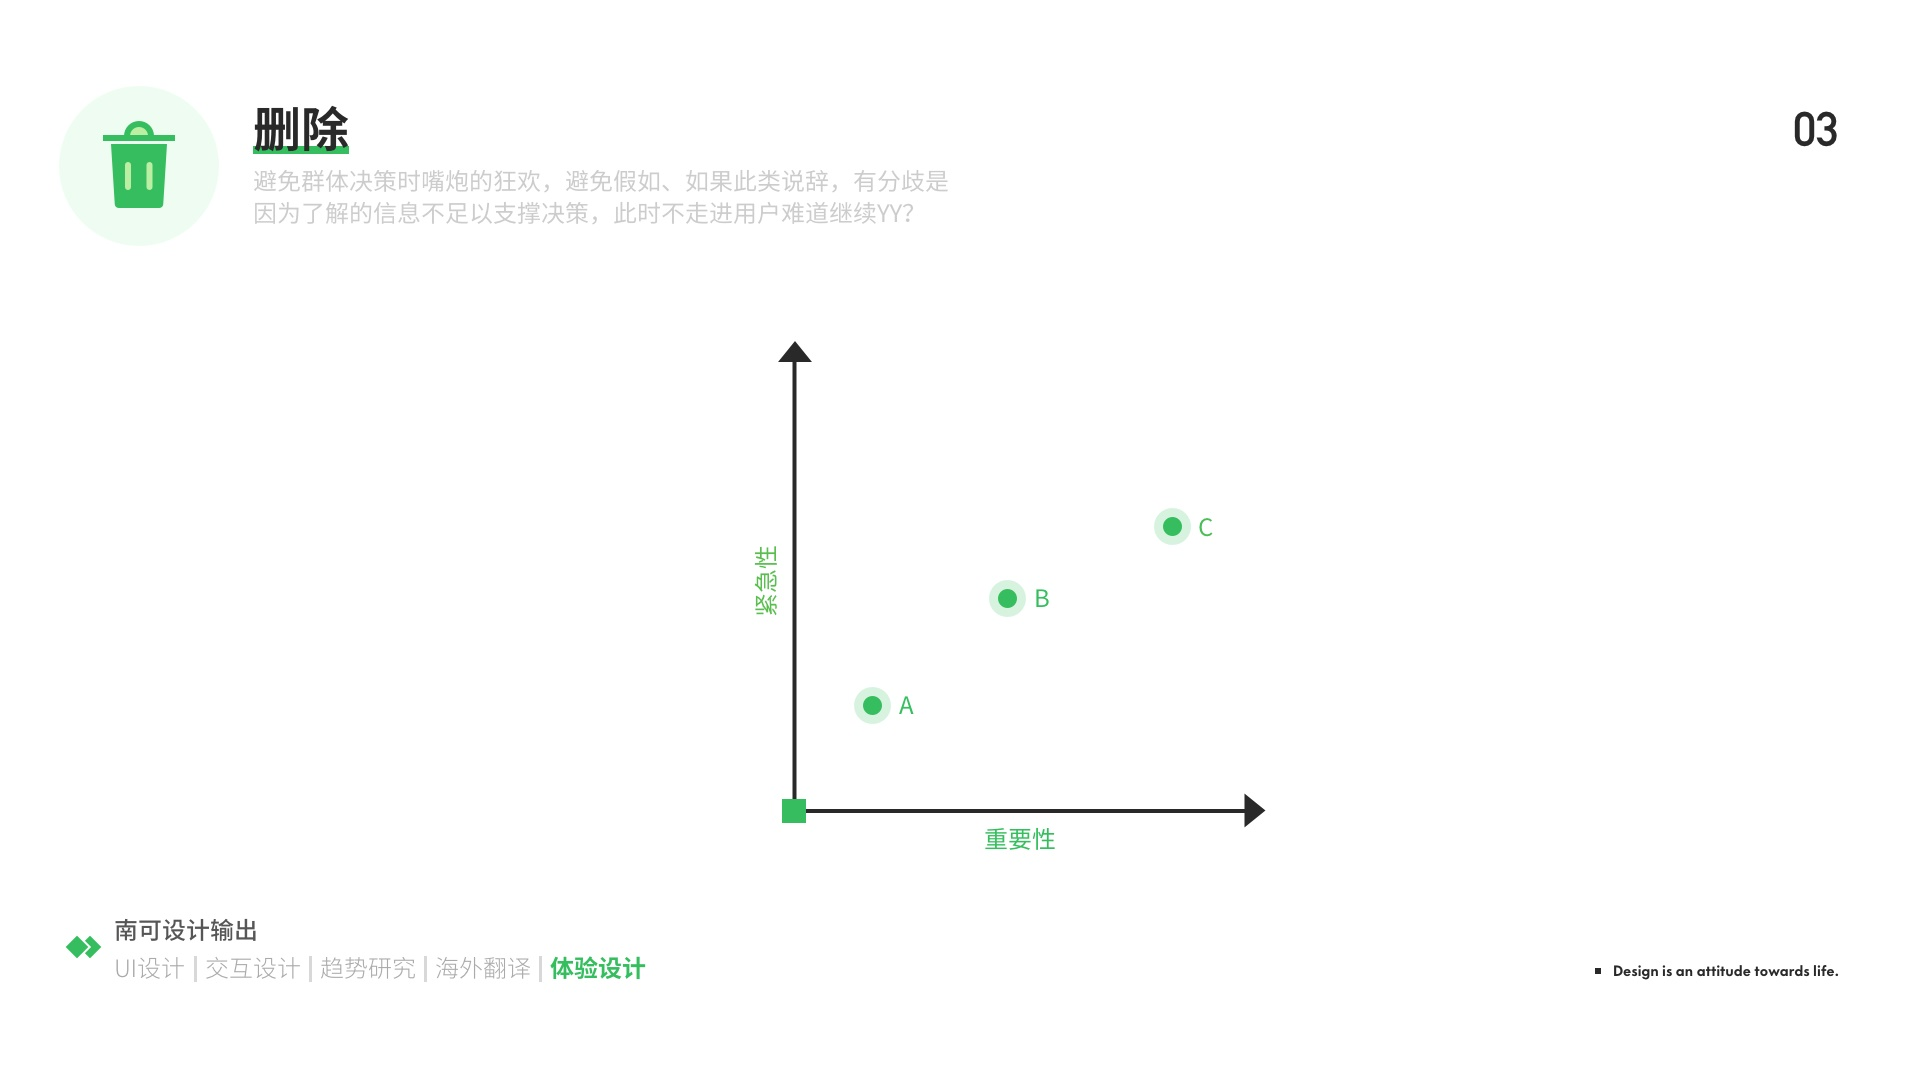 用超多案例,为你详细解析简化设计经典四策略